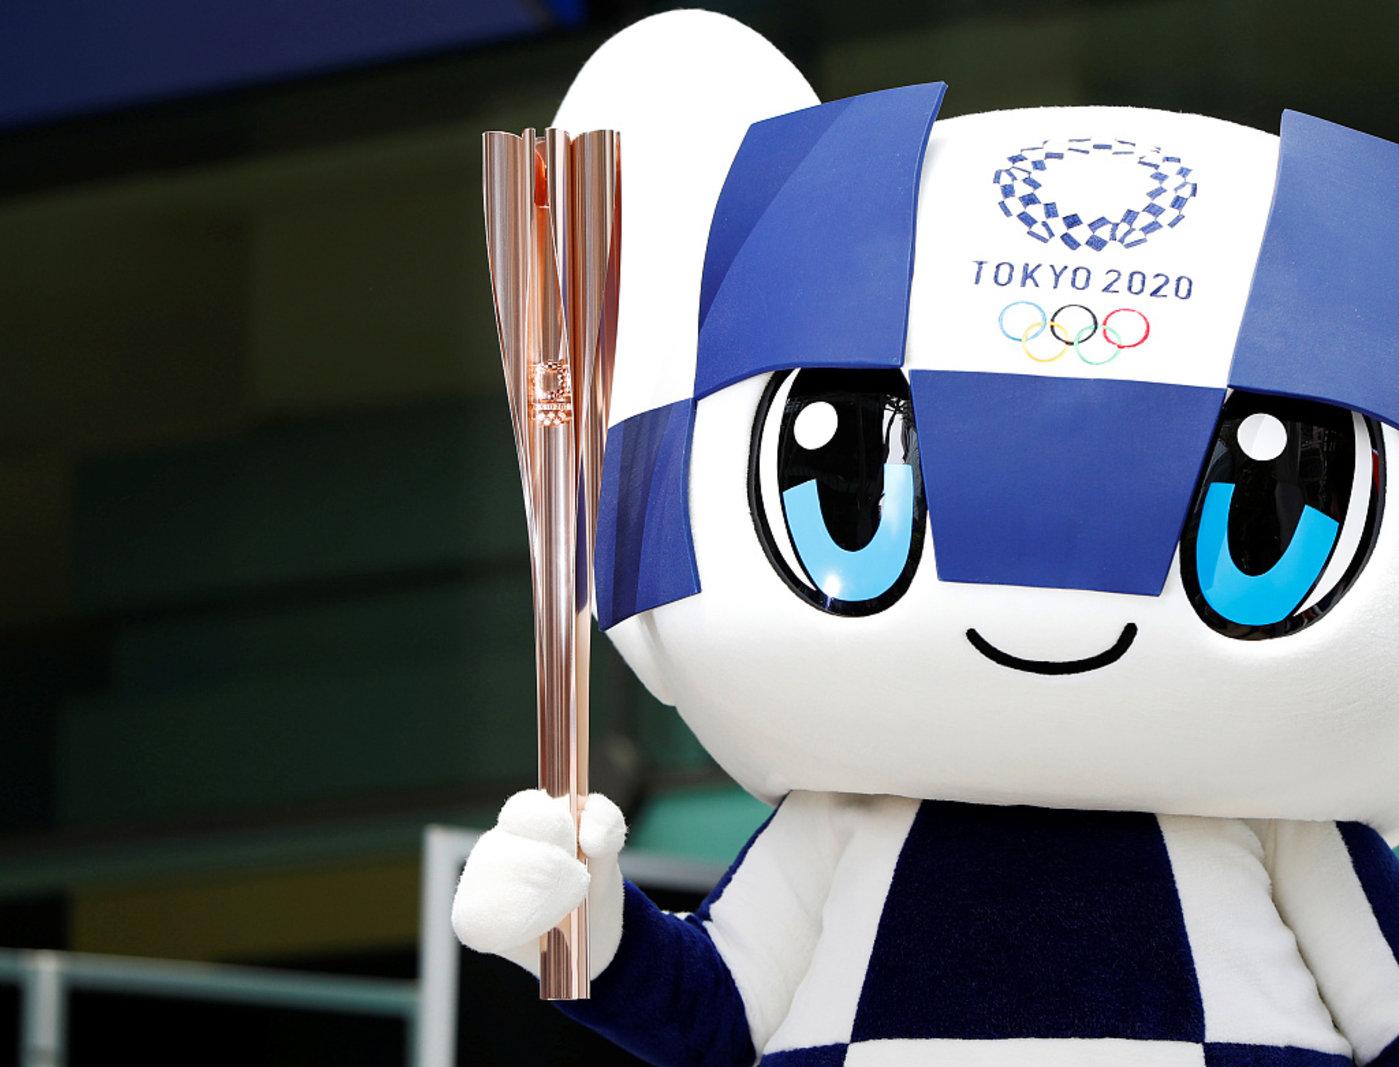 东京奥运会吉祥物之一,图片来源@视觉中国